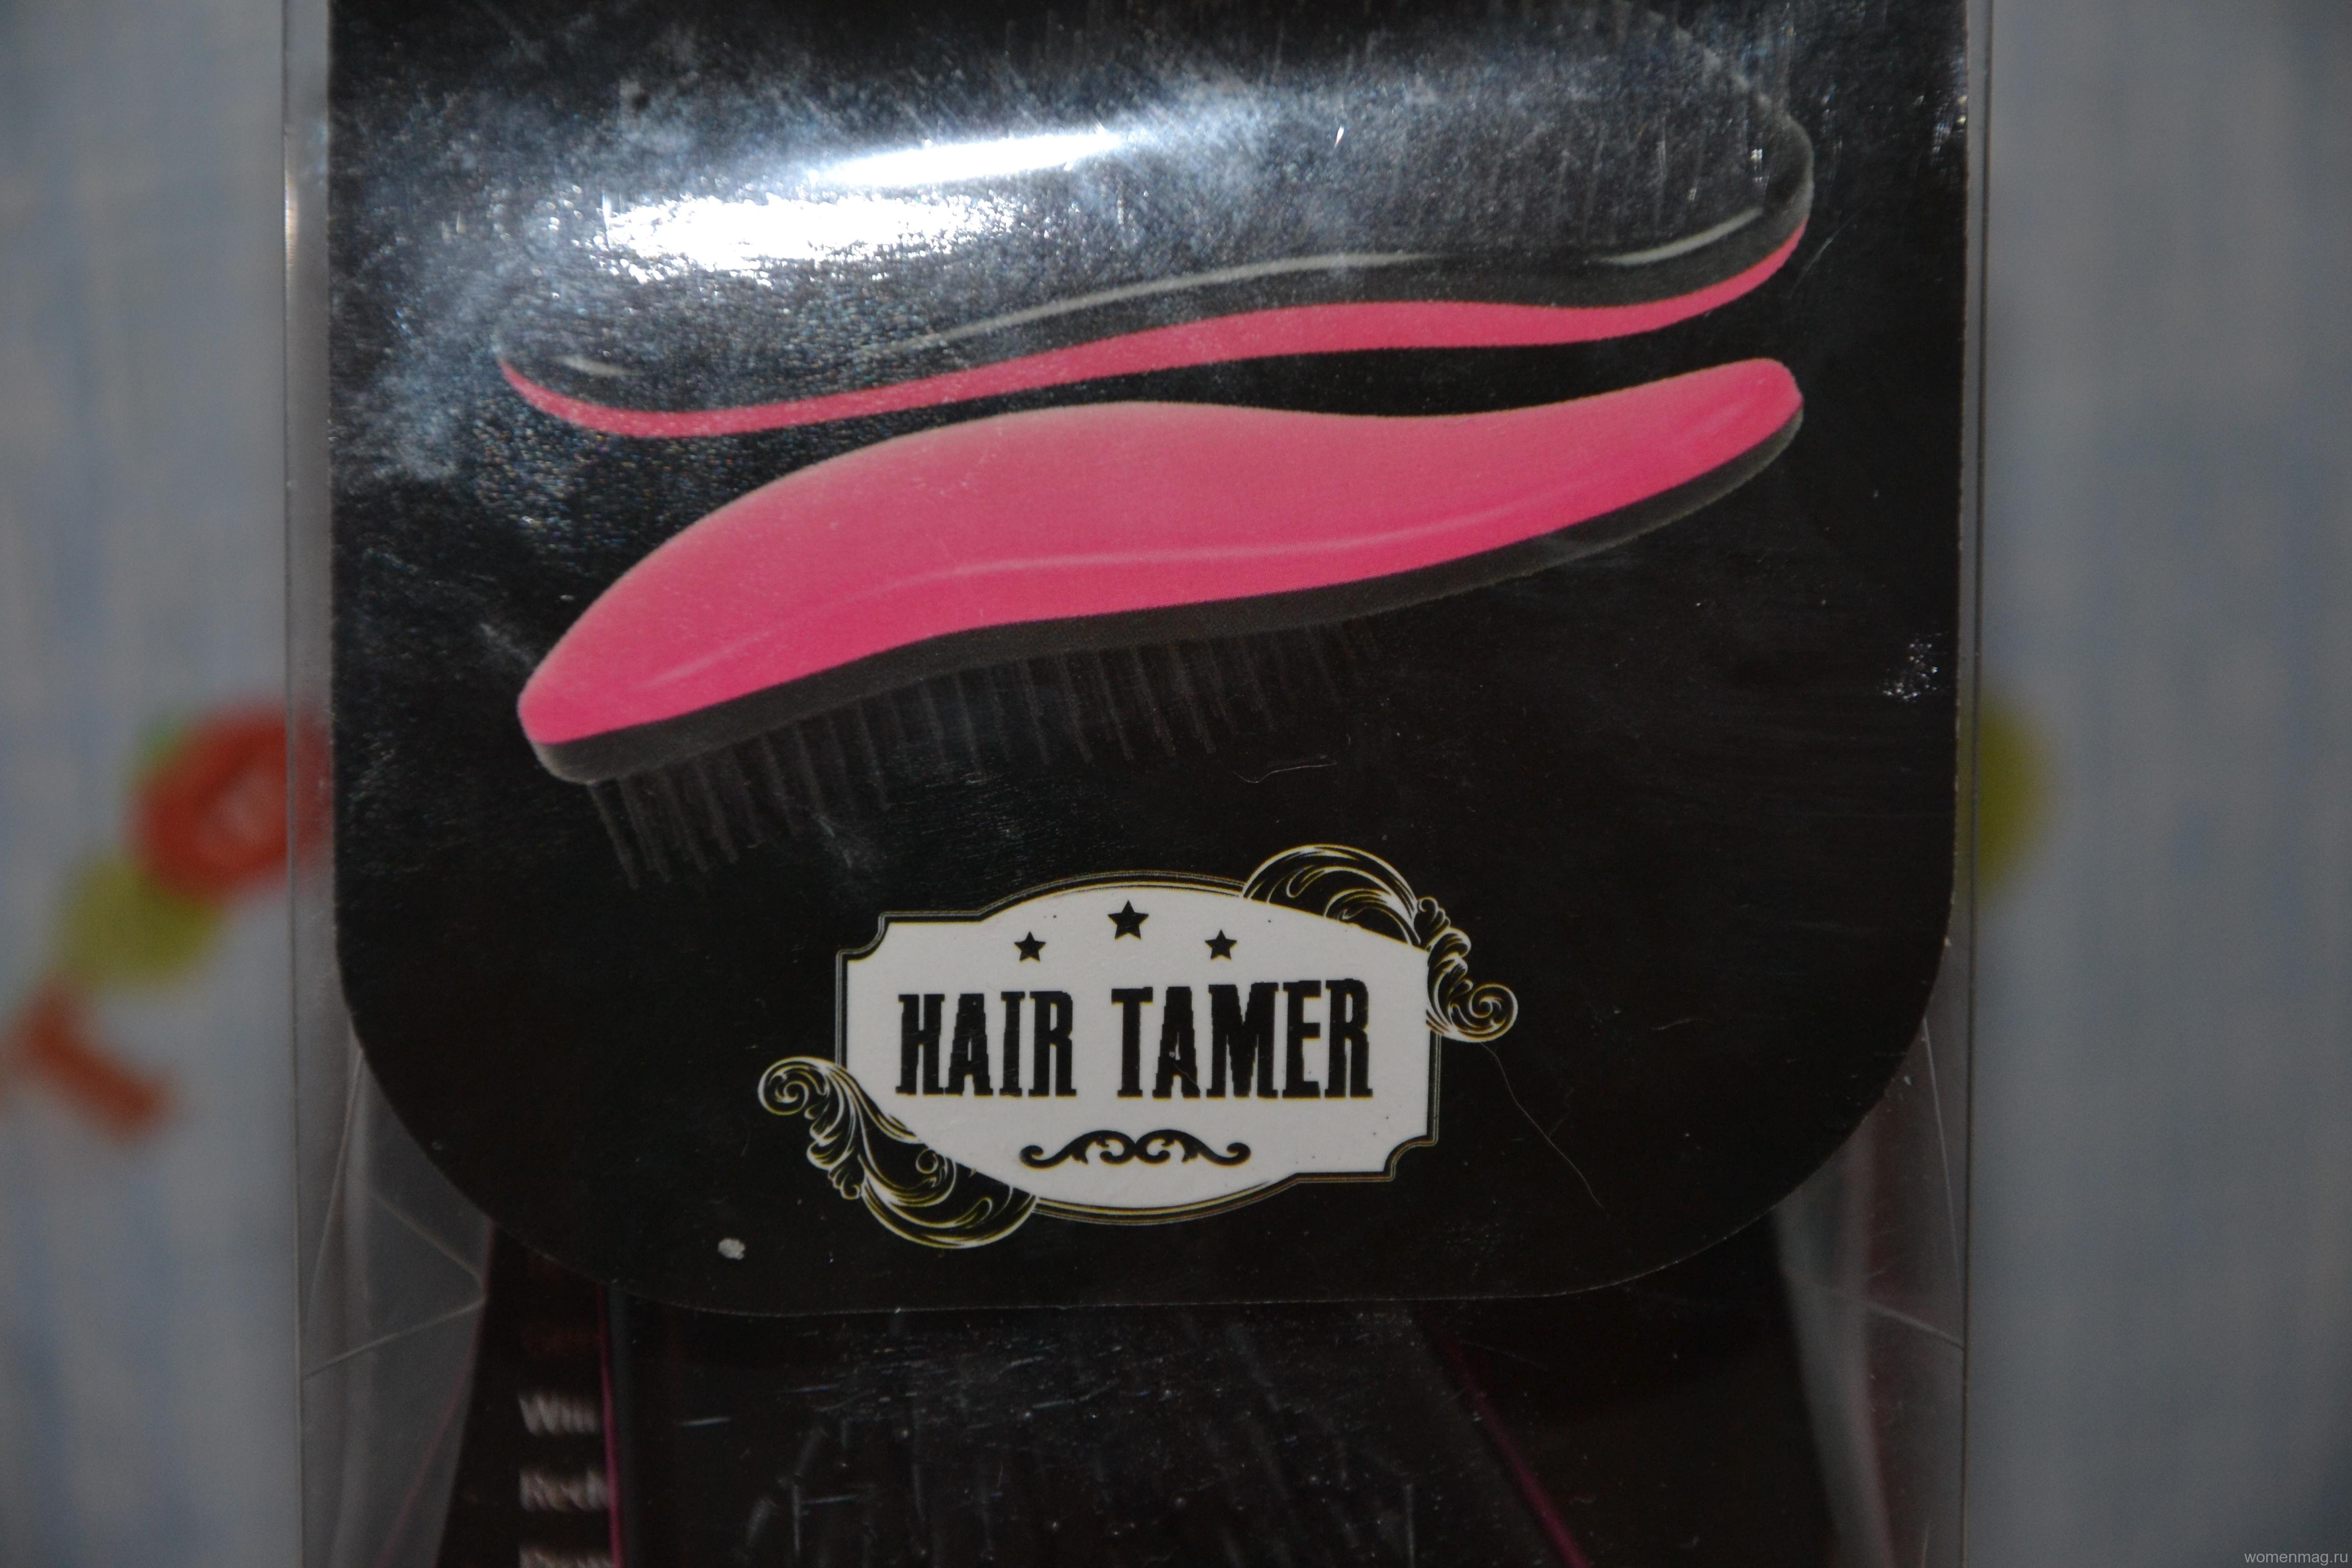 Расческа Hair Timer Ergo Brush — экономичная альтернатива Тангл Тизер